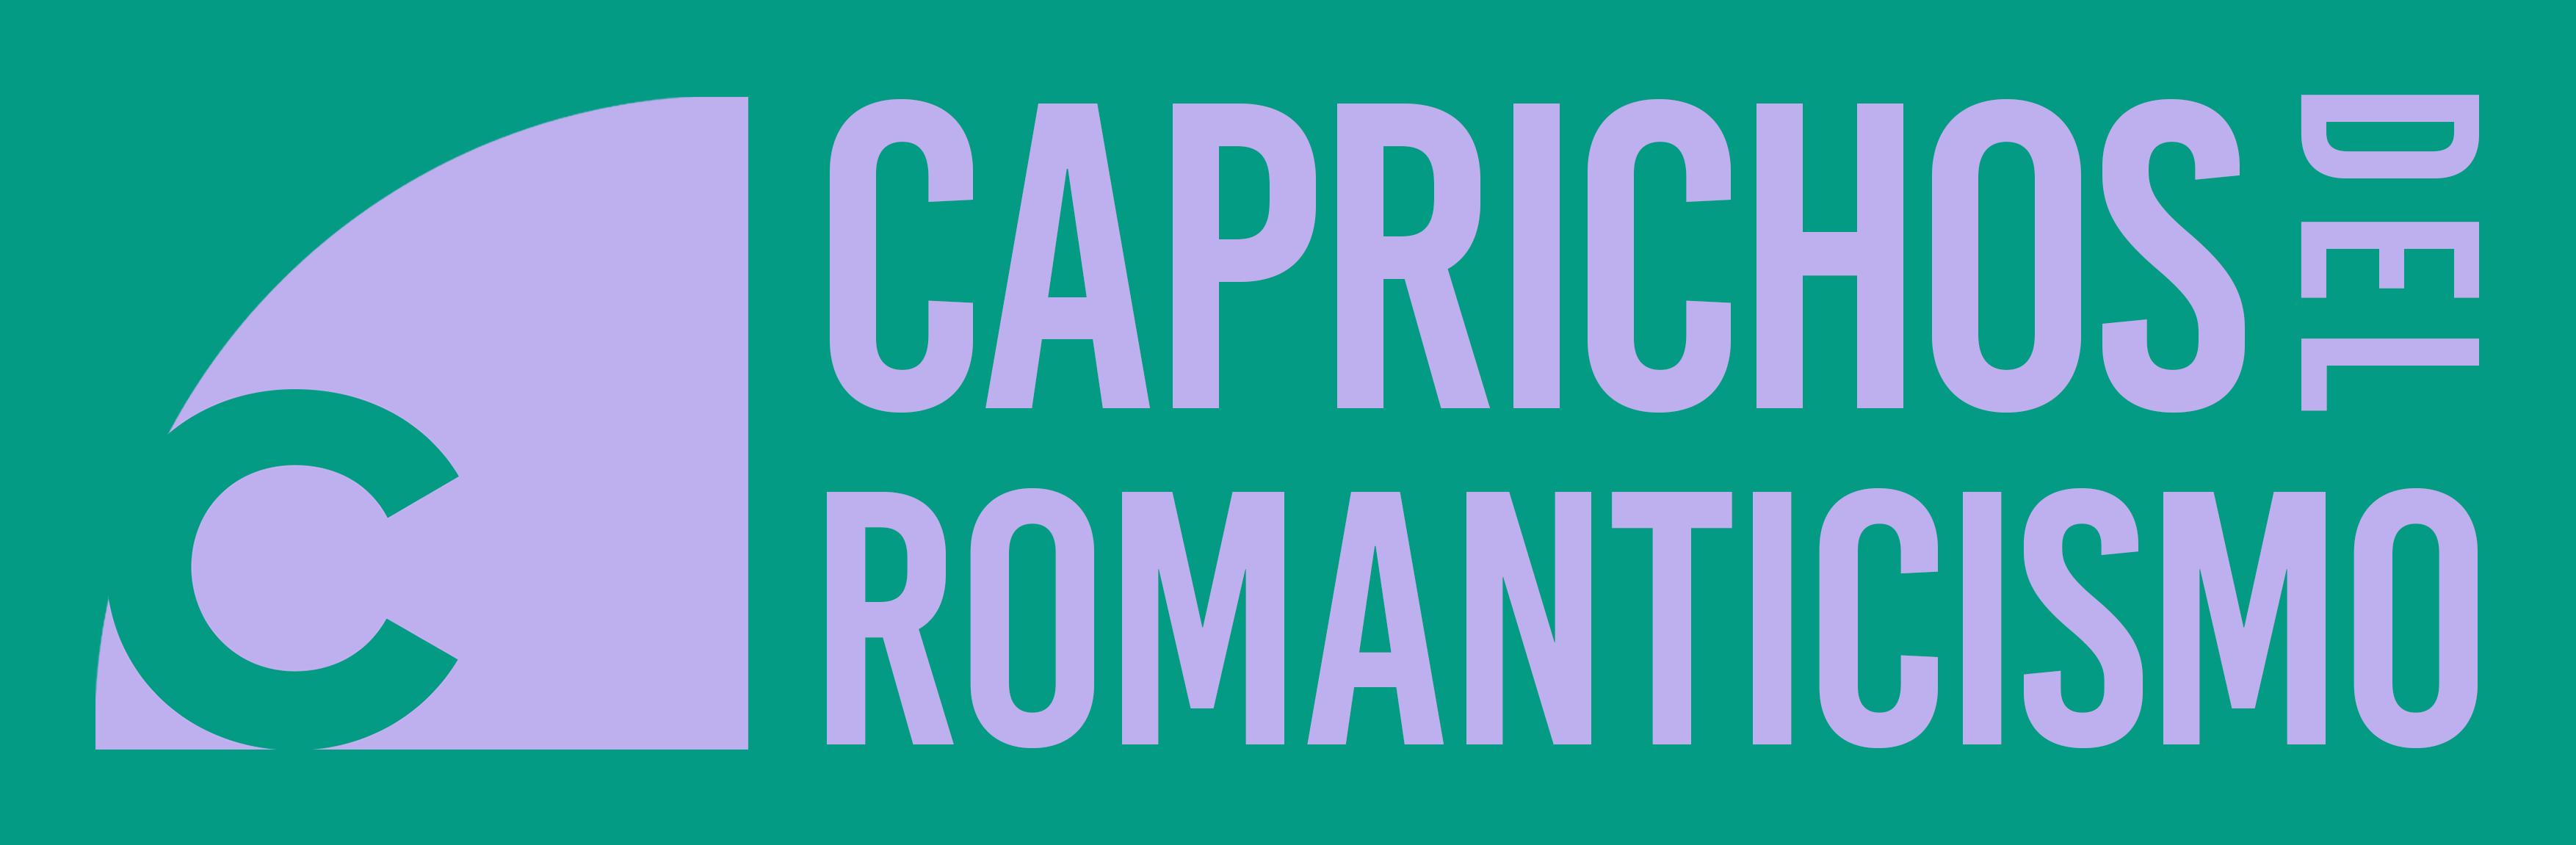 Caprichos del Romanticismo